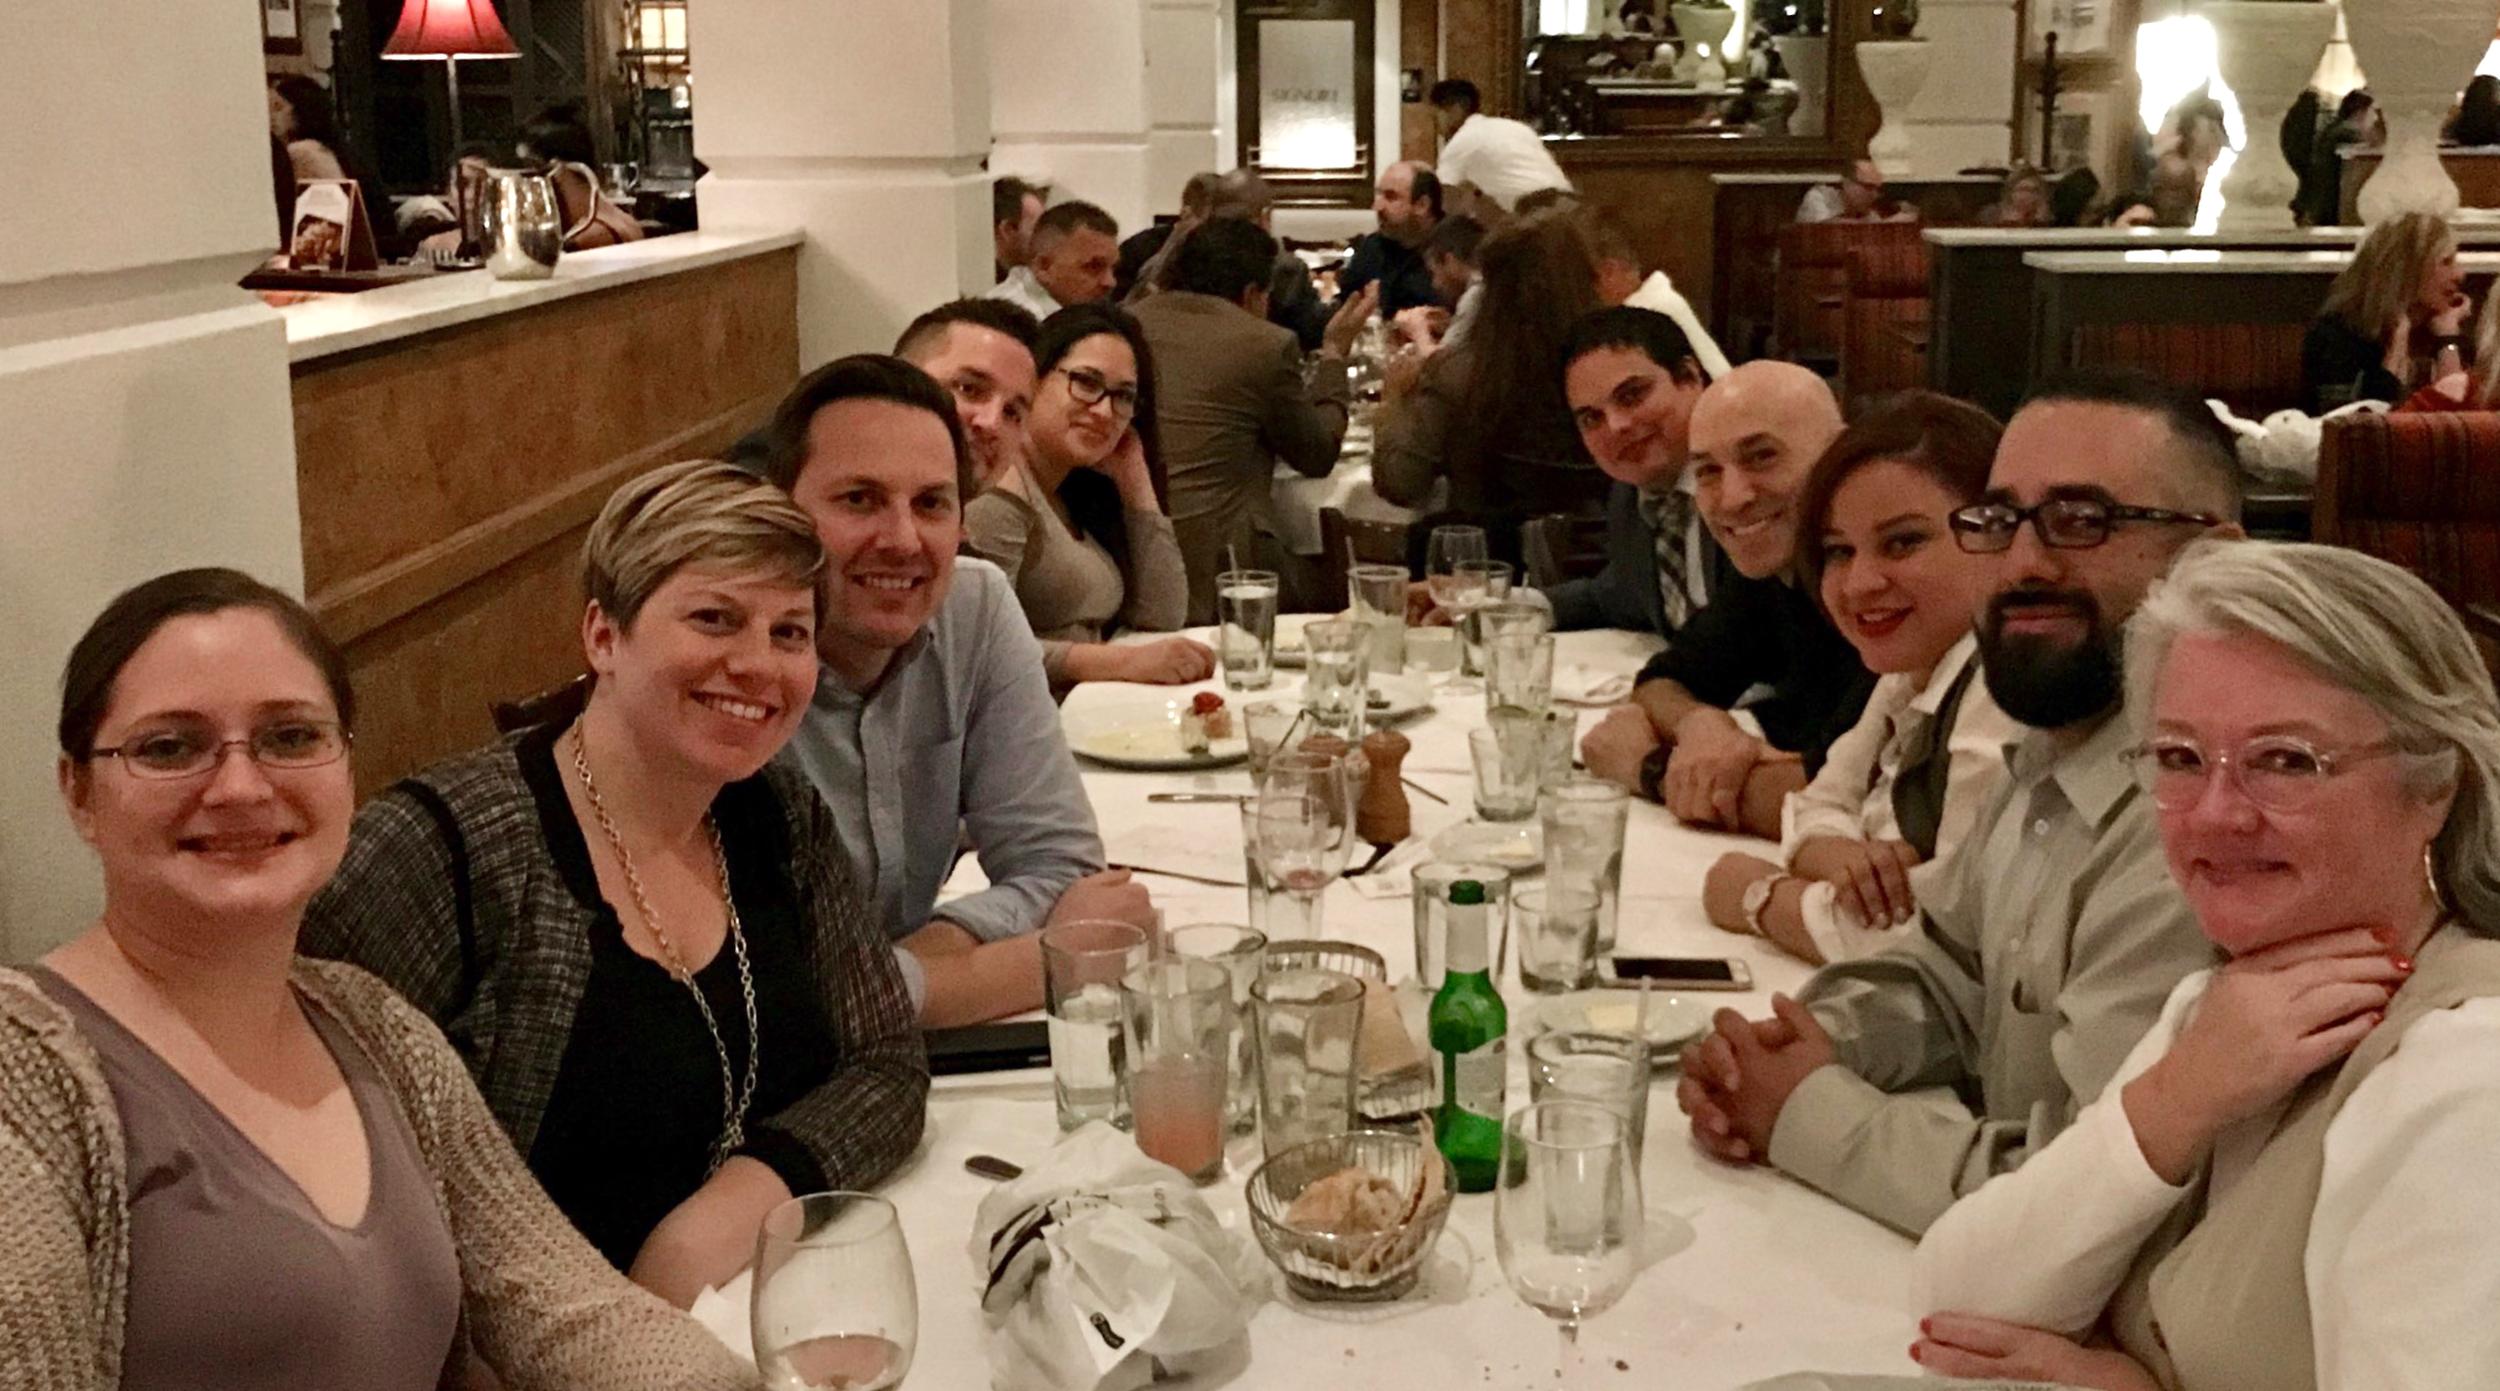 Judges dinner with AAF Las Vegas crew kicks off the weekend